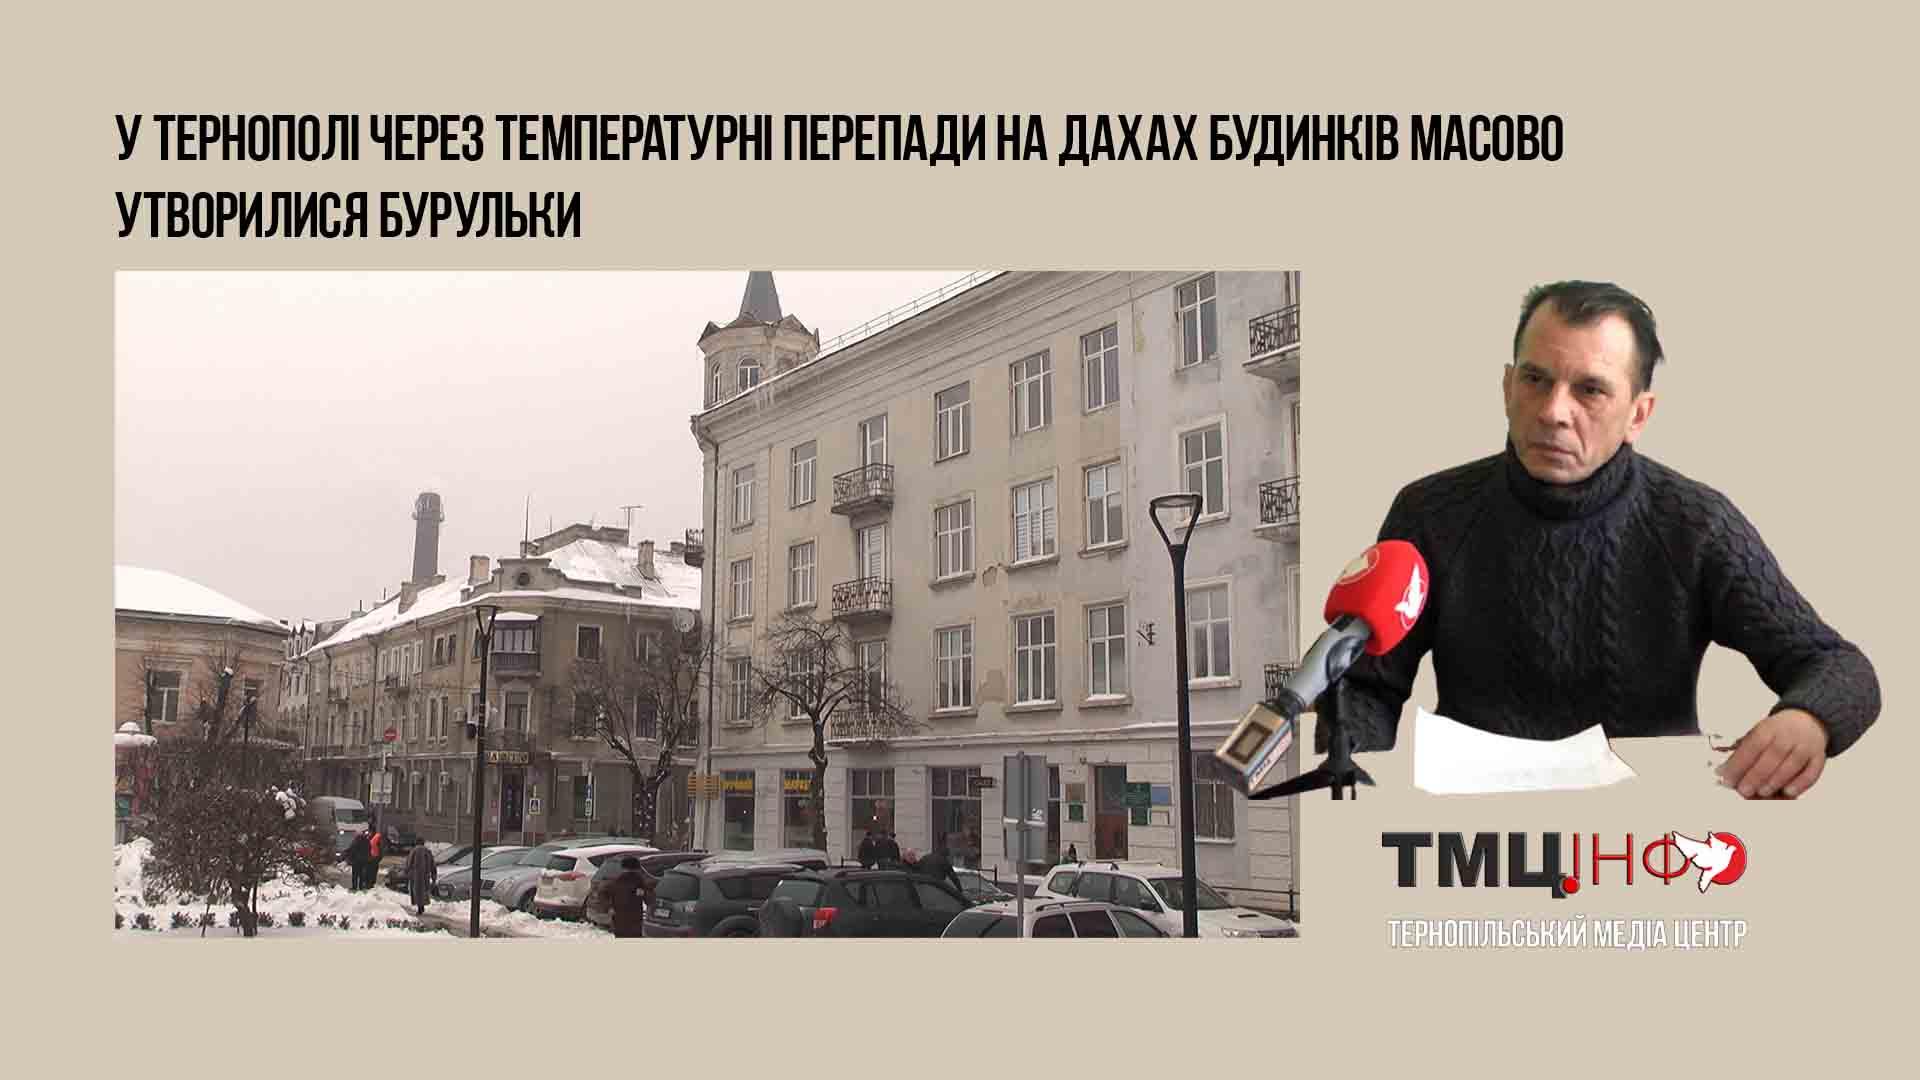 У Тернополі через температурні перепади на дахах будинків масово утворилися бурульки